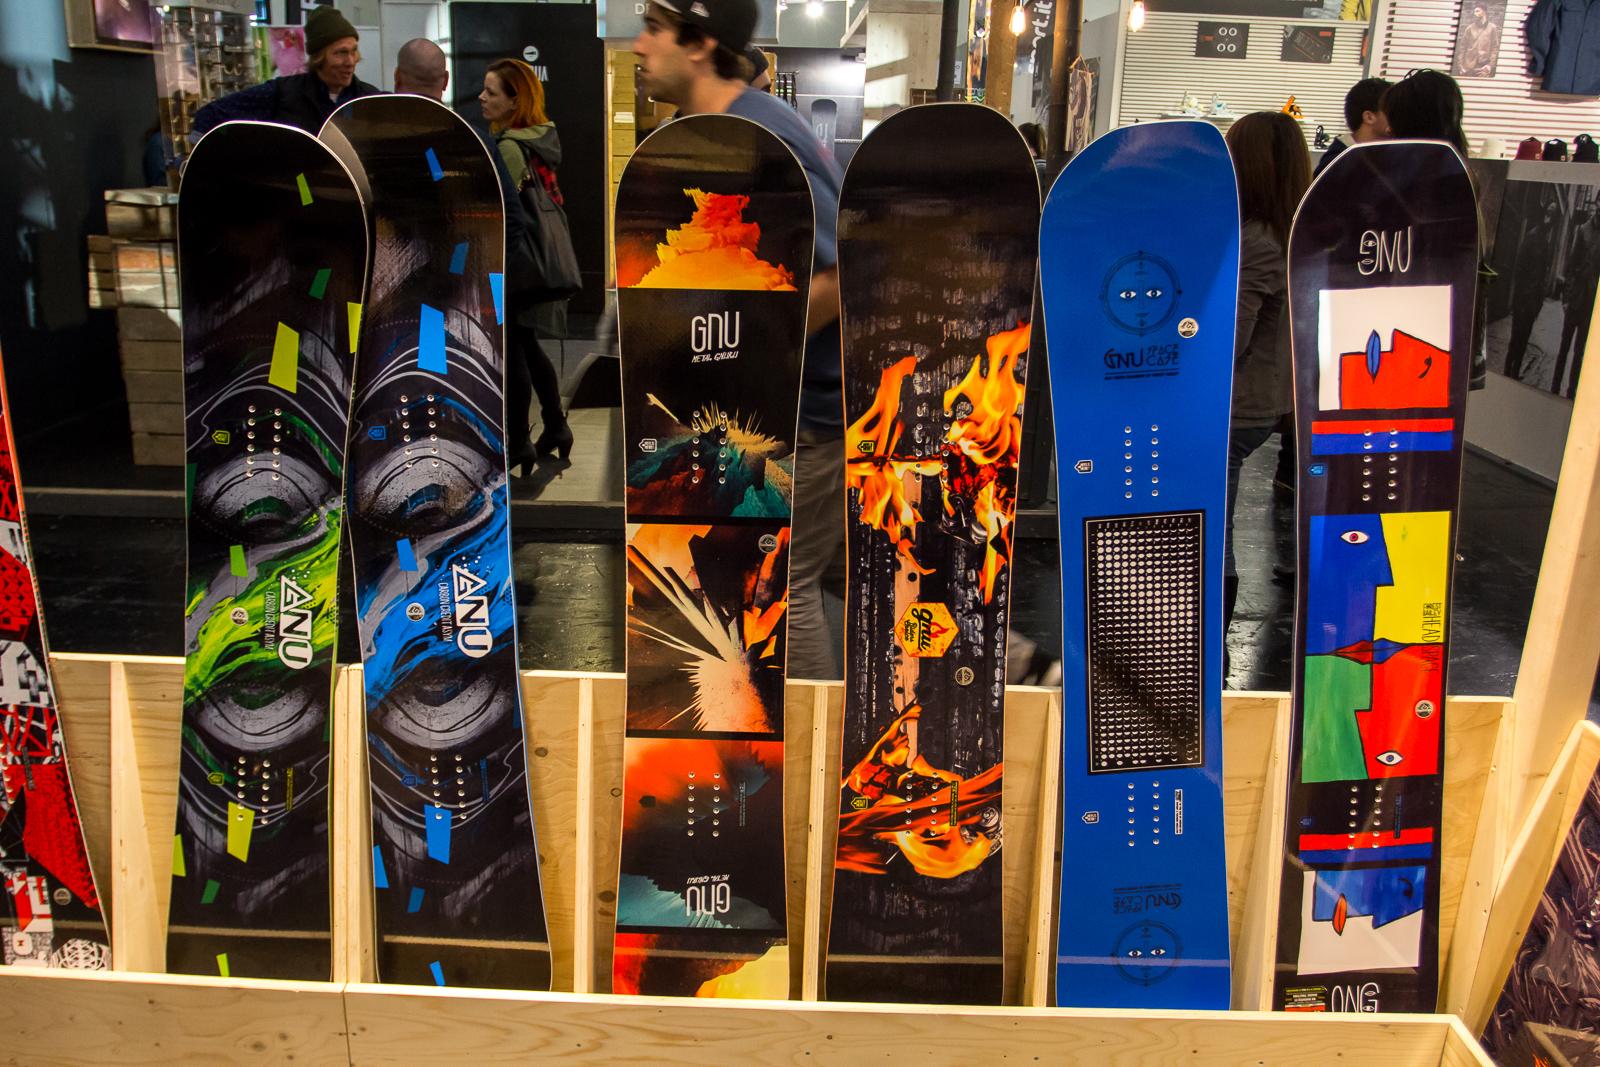 Die beiden ersten Boards links sind aus der Easy Jibby Reihe, daneben steht das Metal Gnuru, Riders Choice, Space Case sowie das HeadSpace (v.l.n.r.)